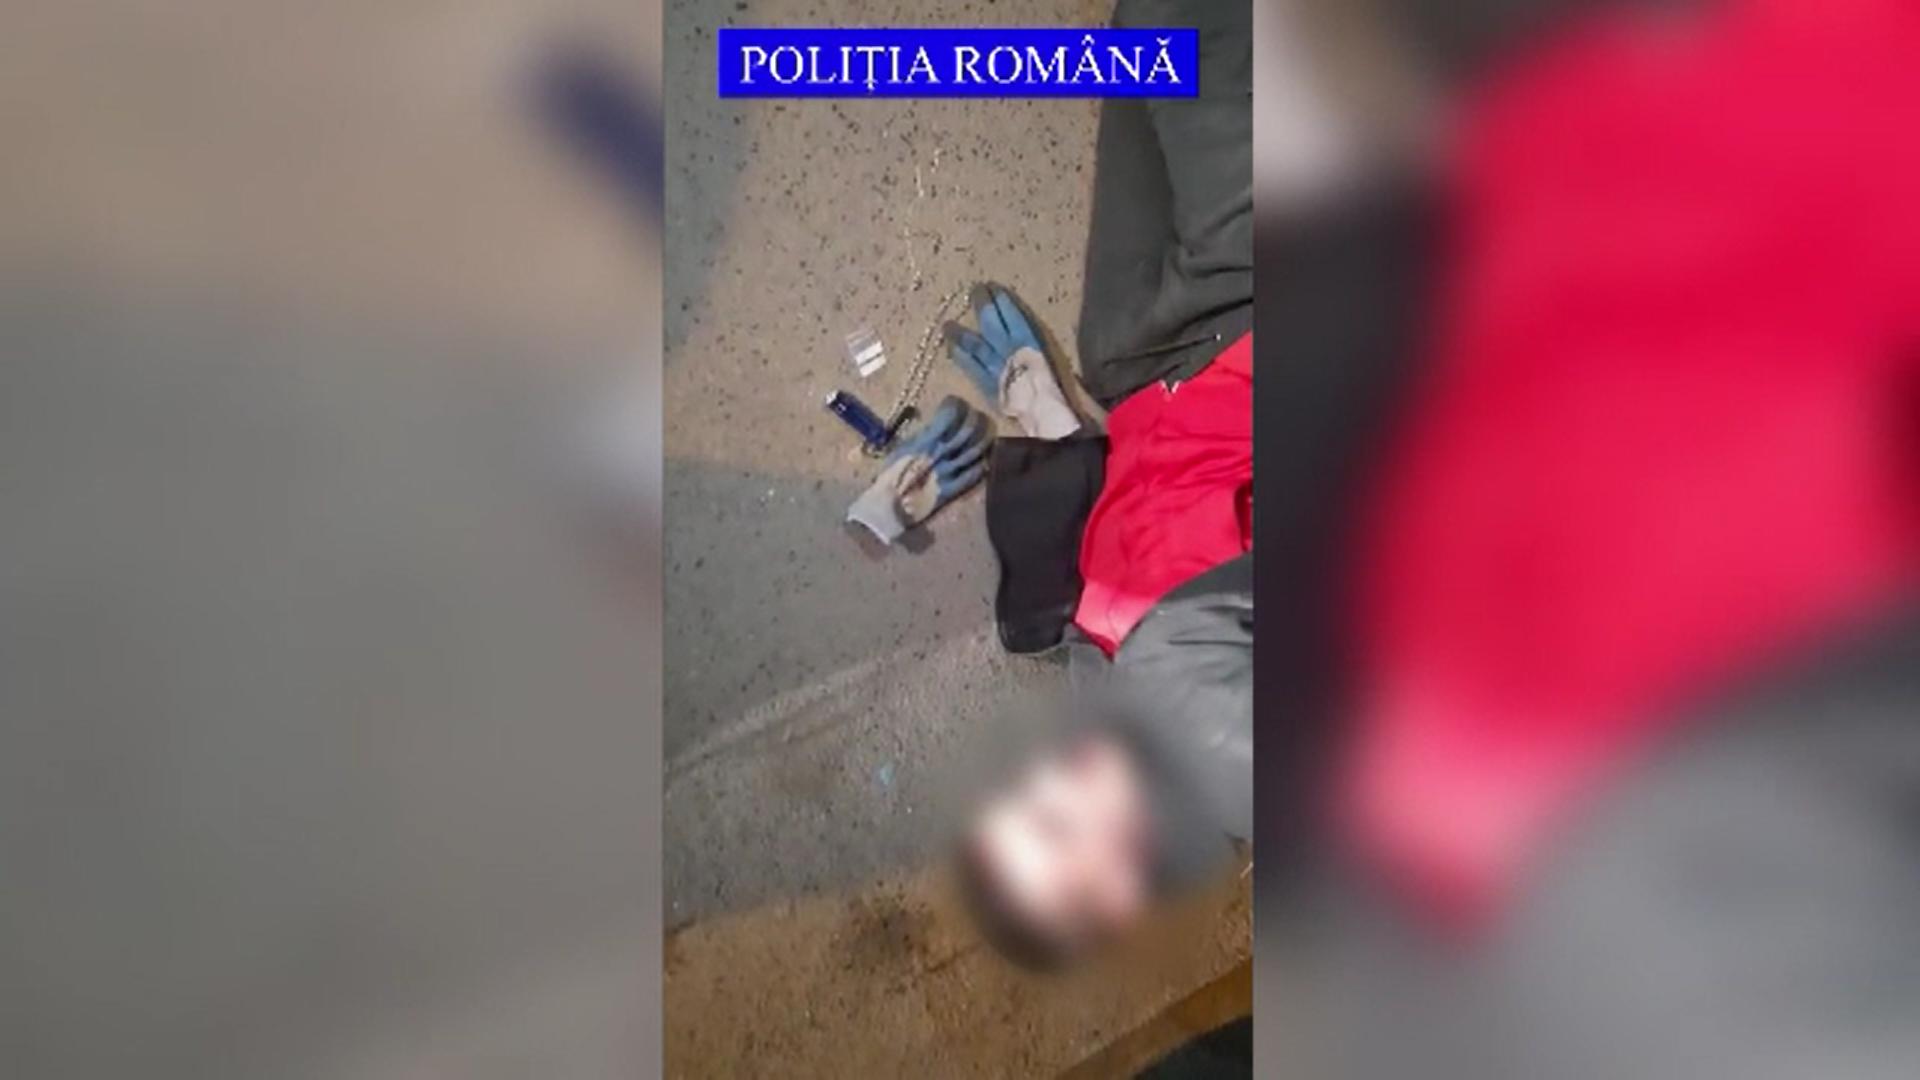 Poliţiştii din Galaţi au prins patru grupări care se ocupau cu furturi din apartamente și case